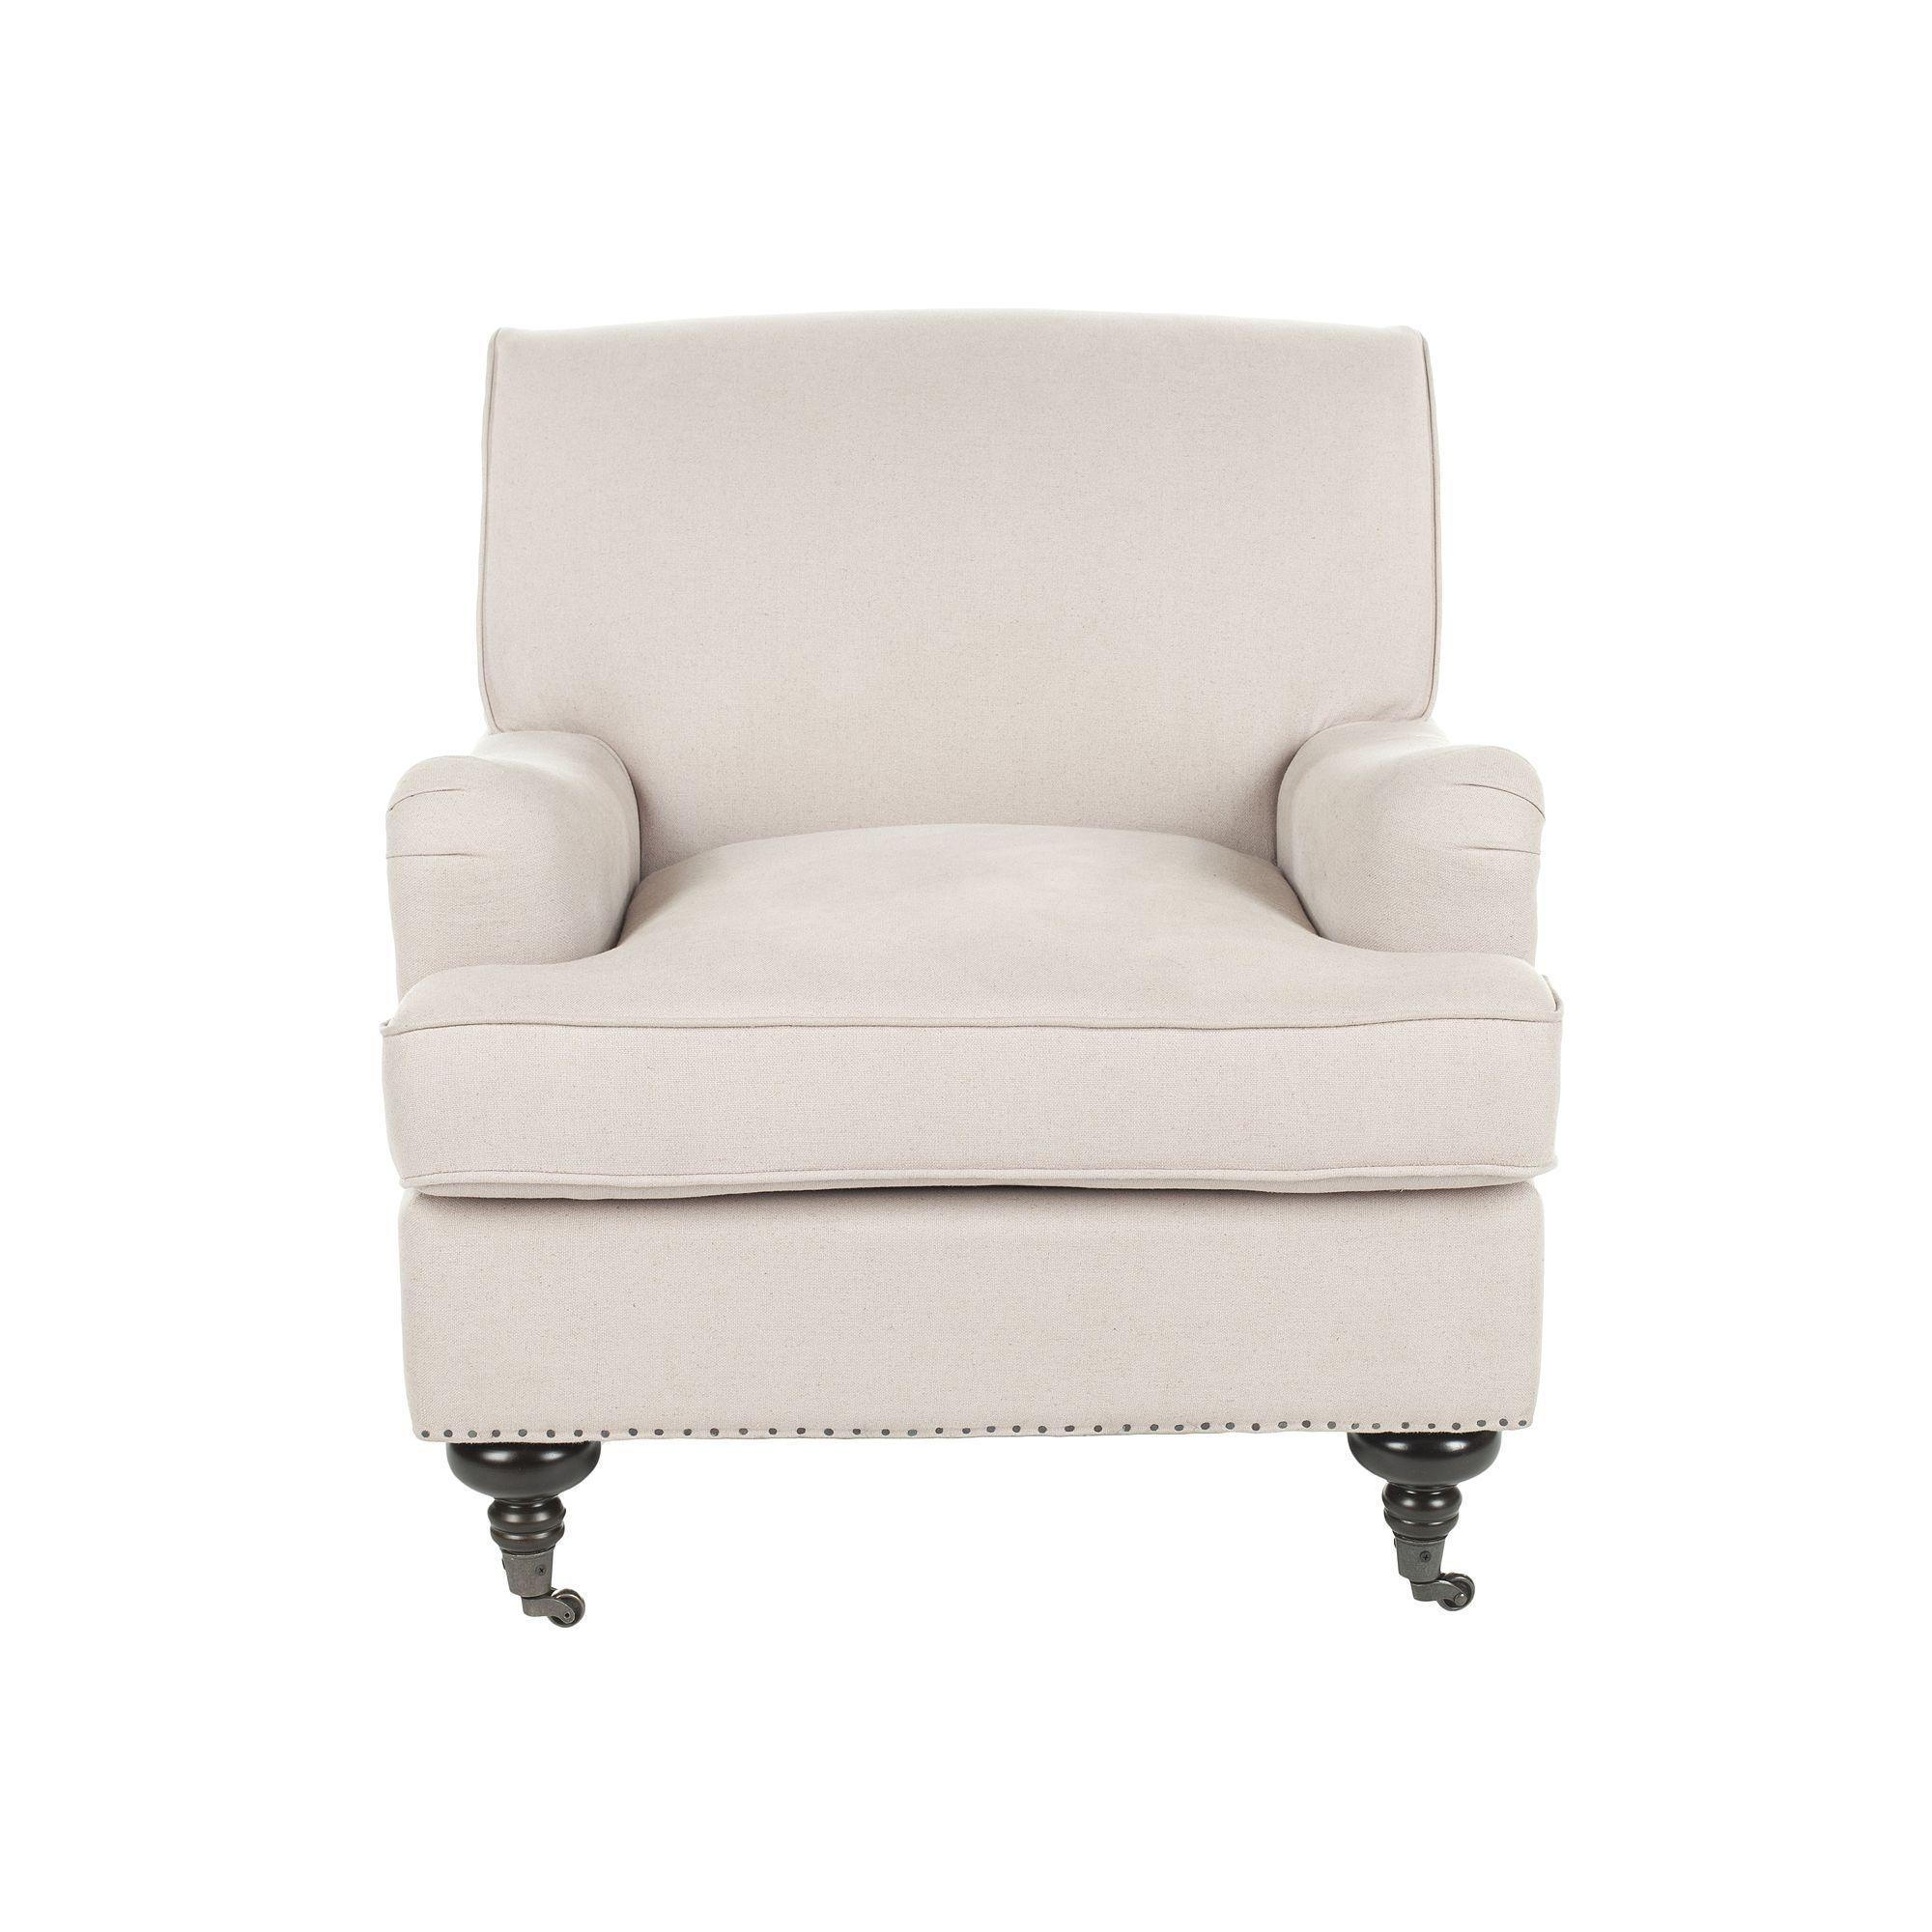 Safavieh Chloe Linen Club Chair, B